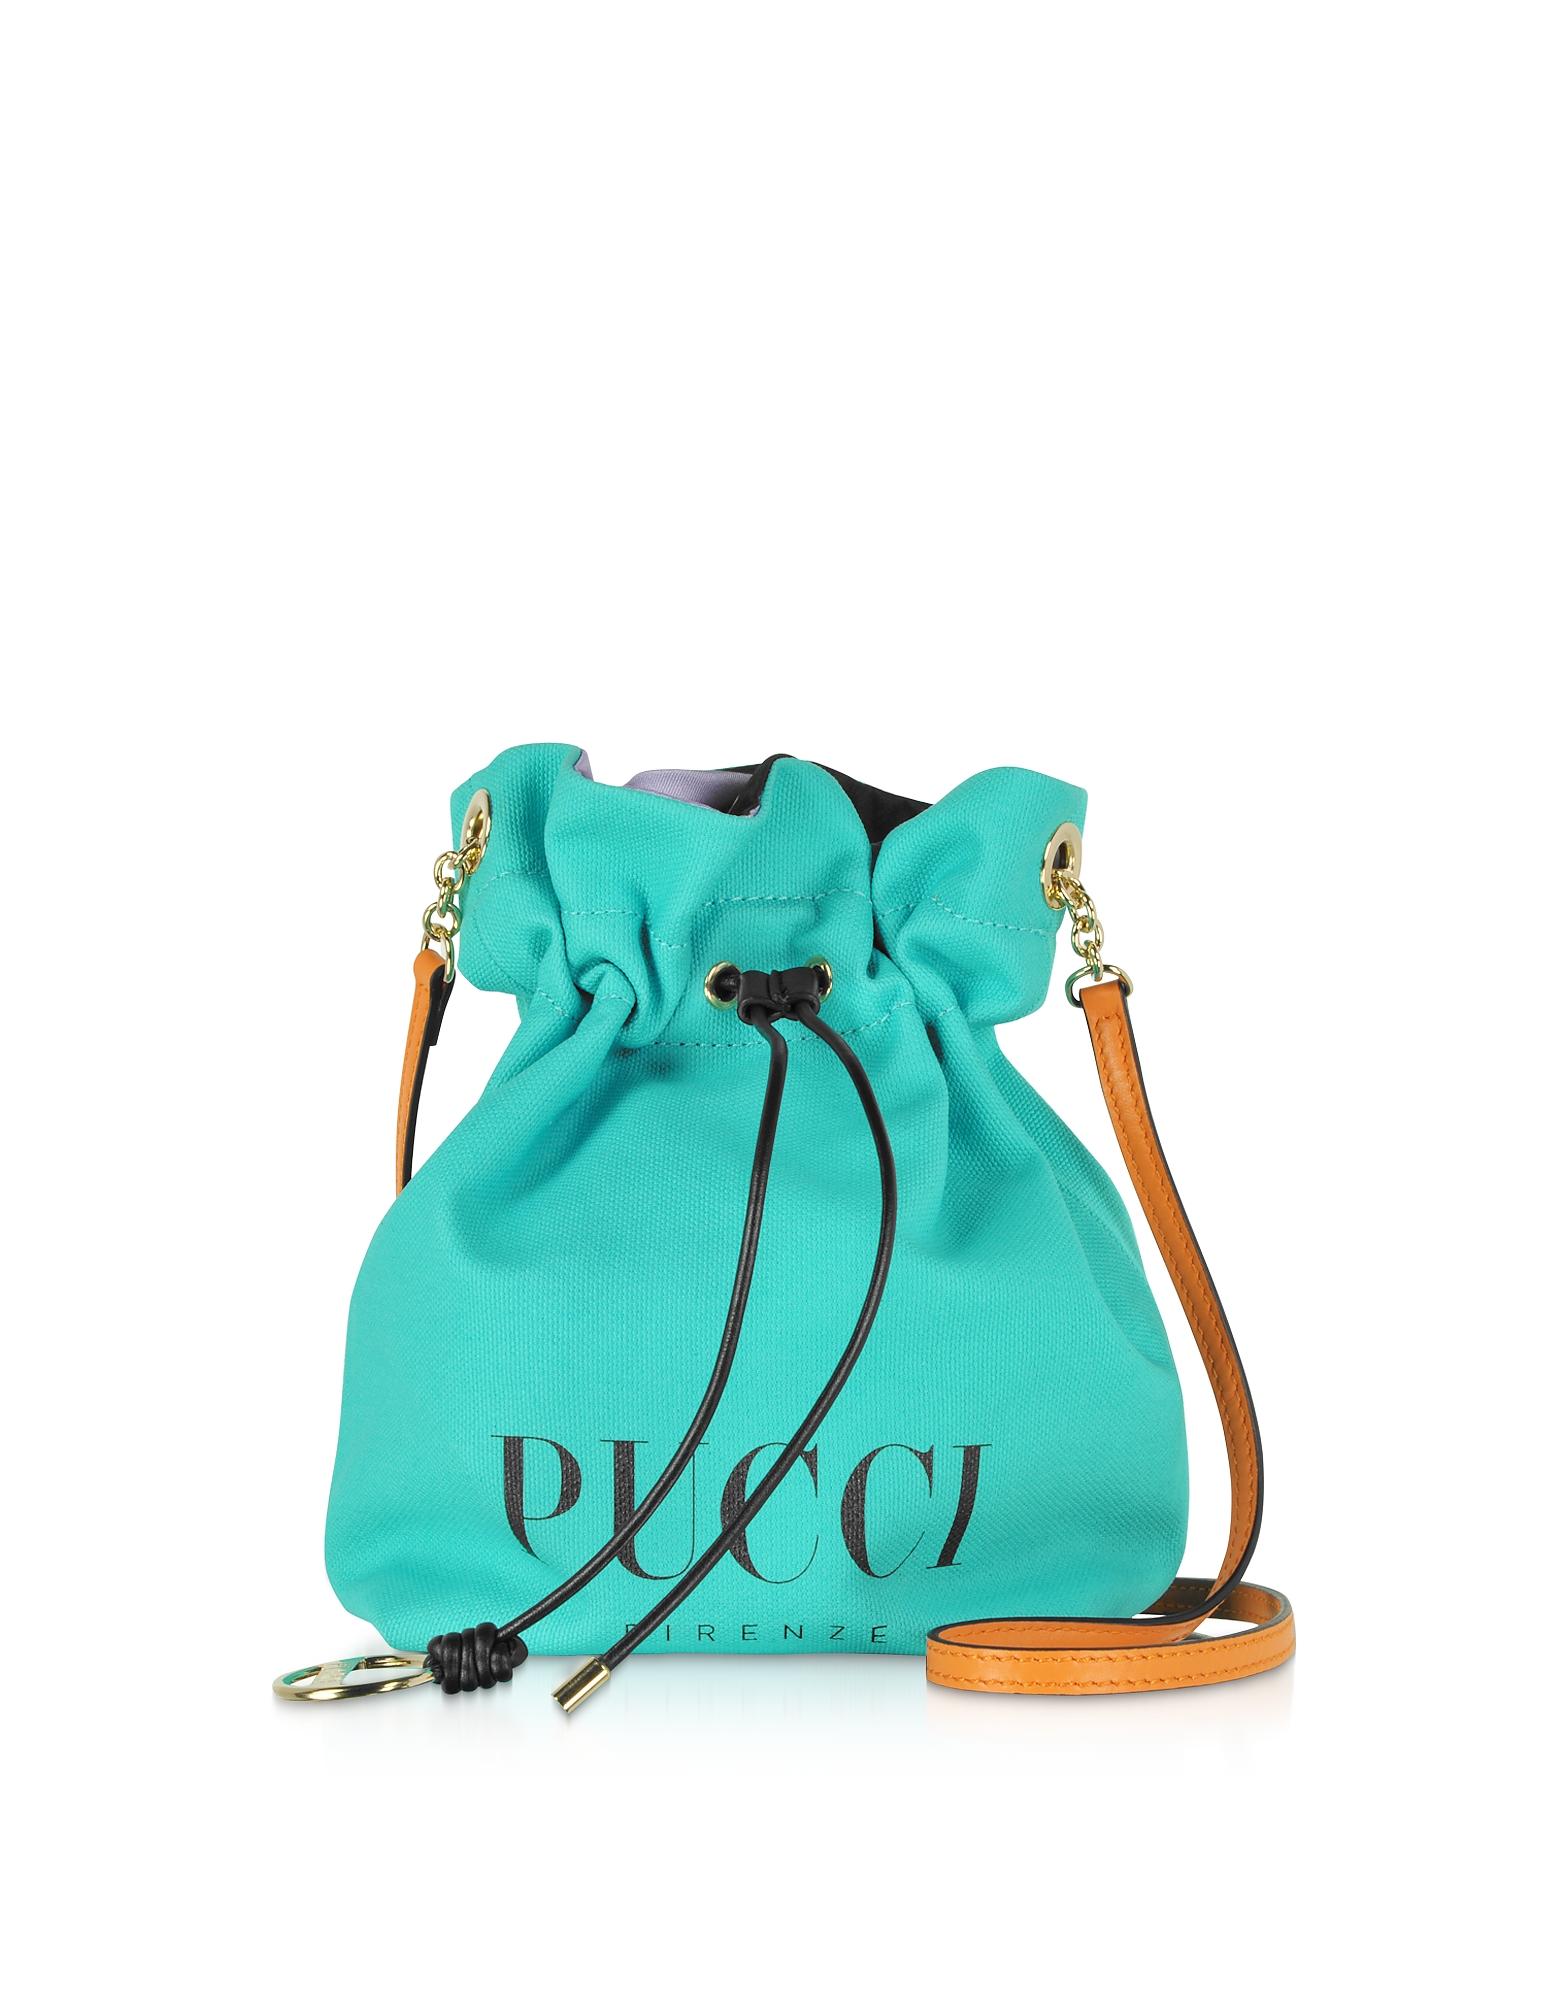 Emilio Pucci Designer Handbags, Signature Mini Bucket Bag